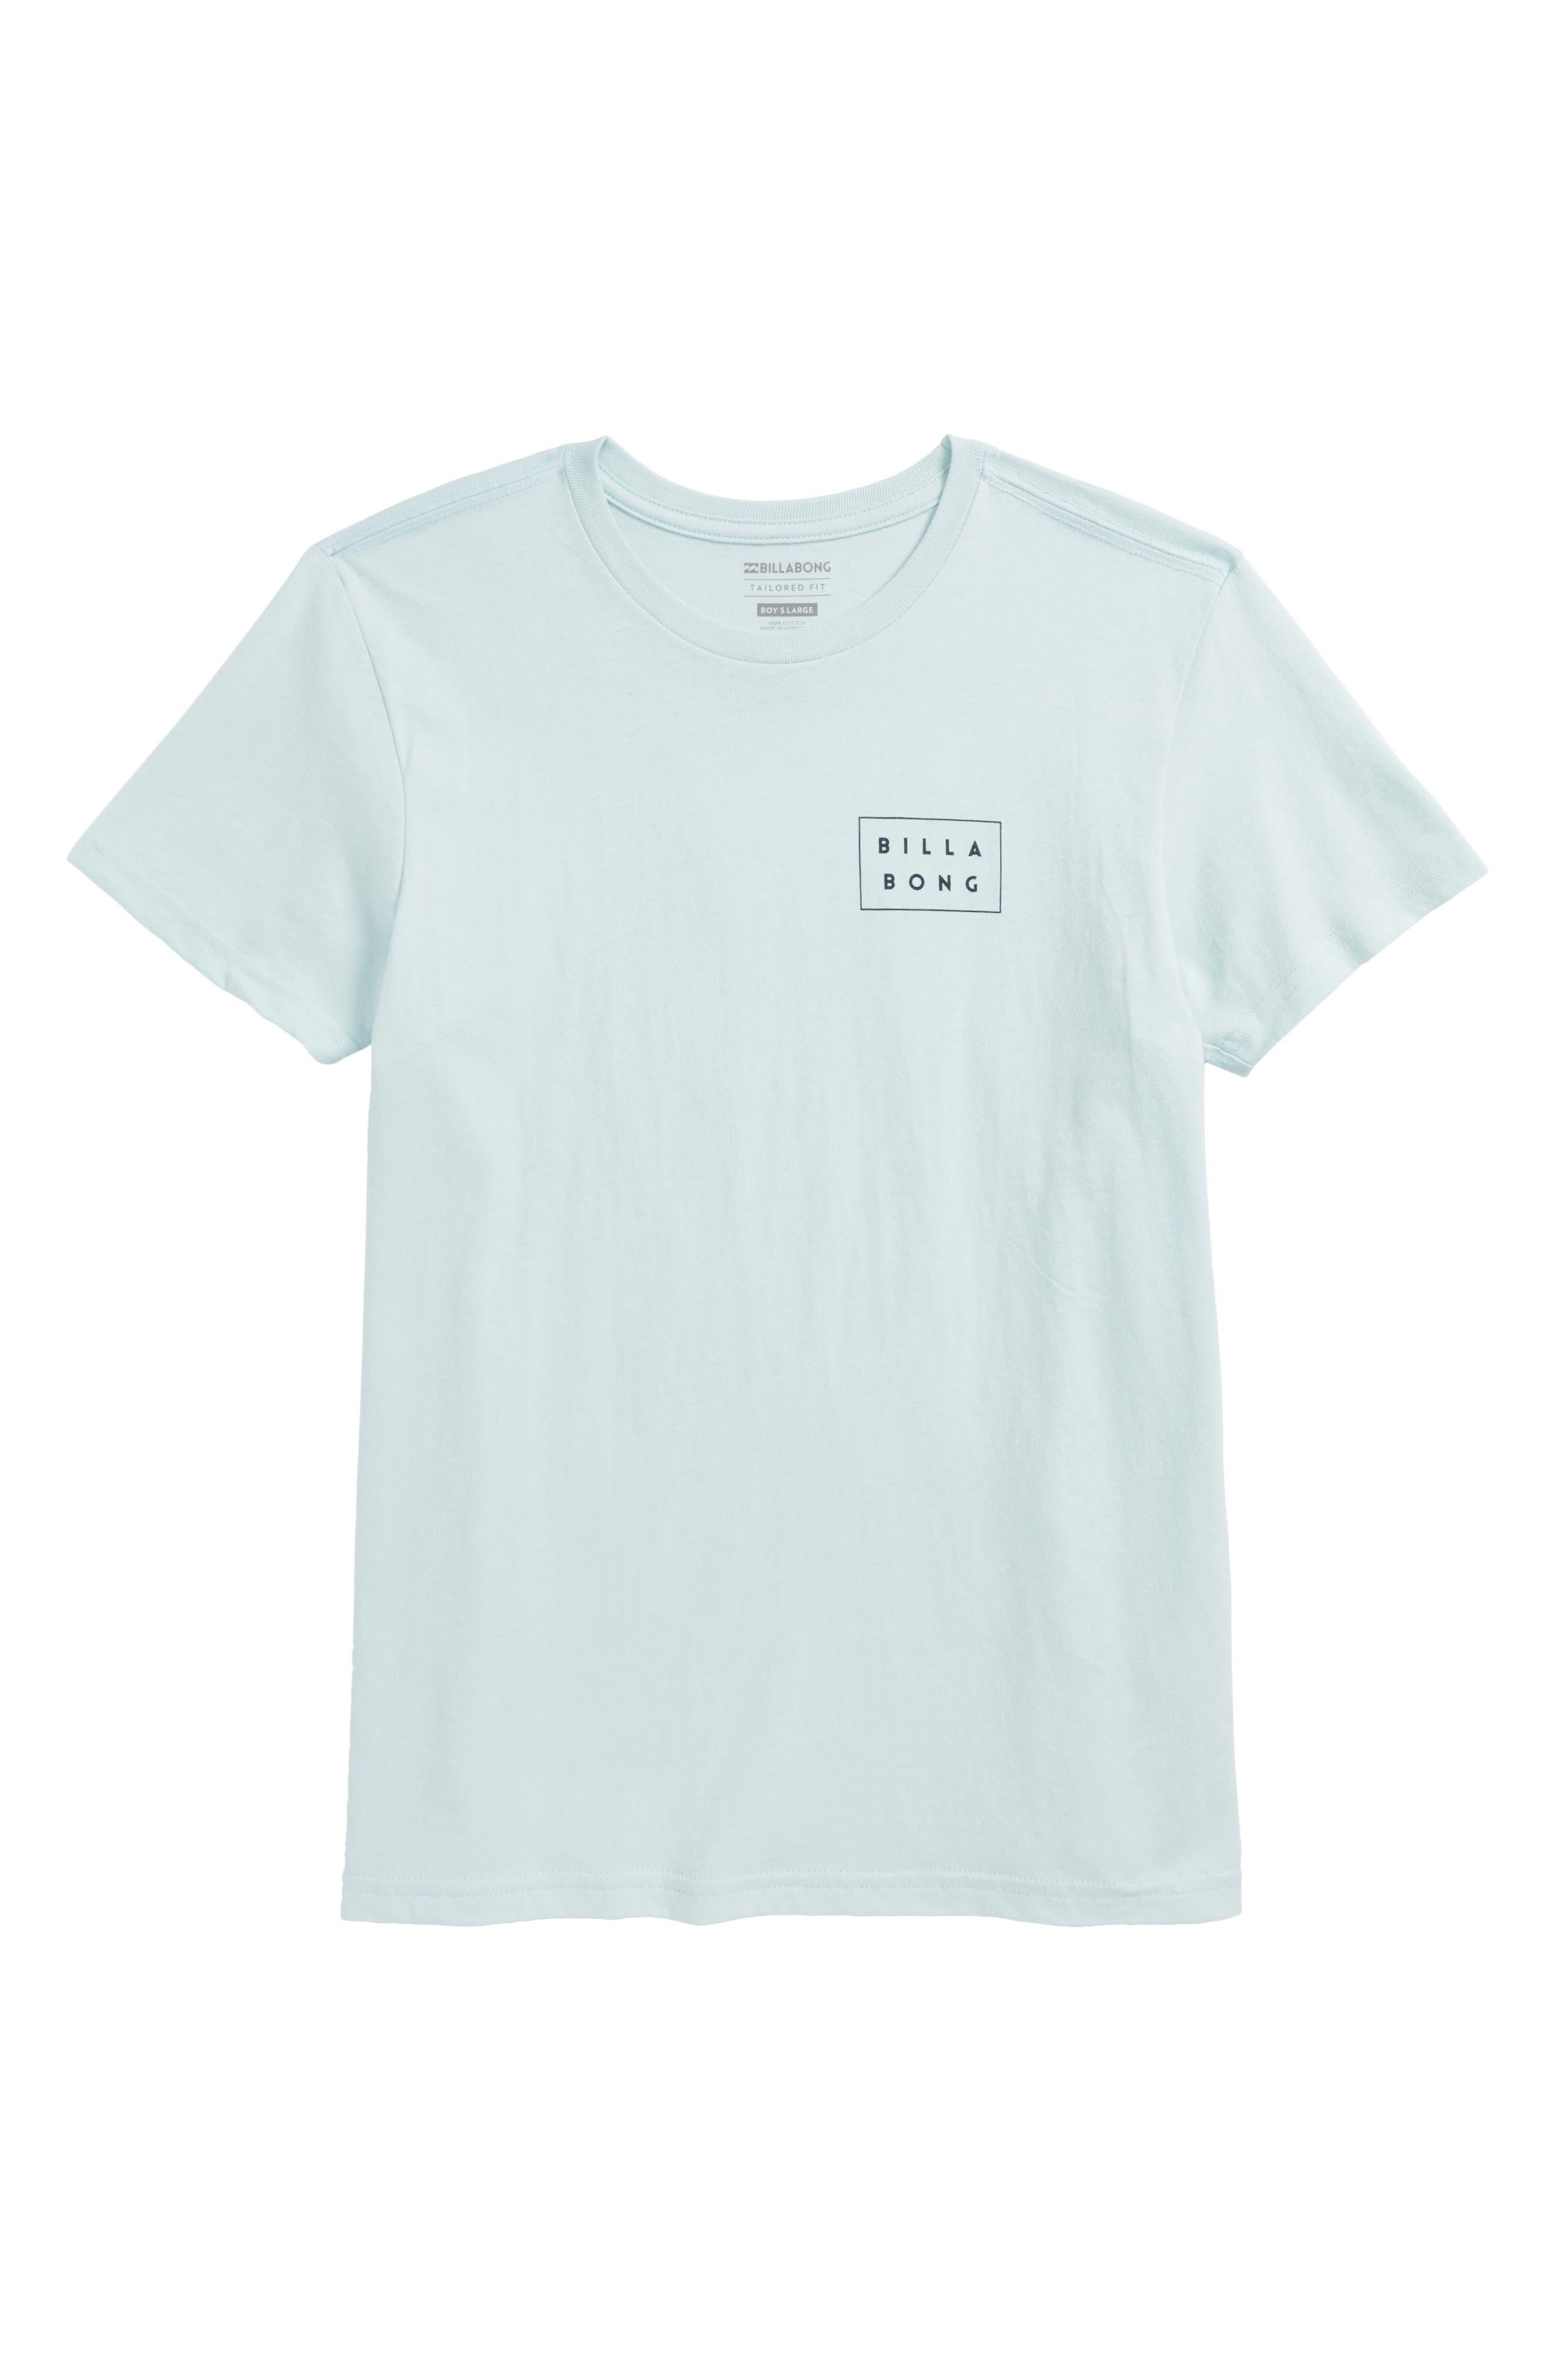 Die Cut T-Shirt,                         Main,                         color, Coastal Blue